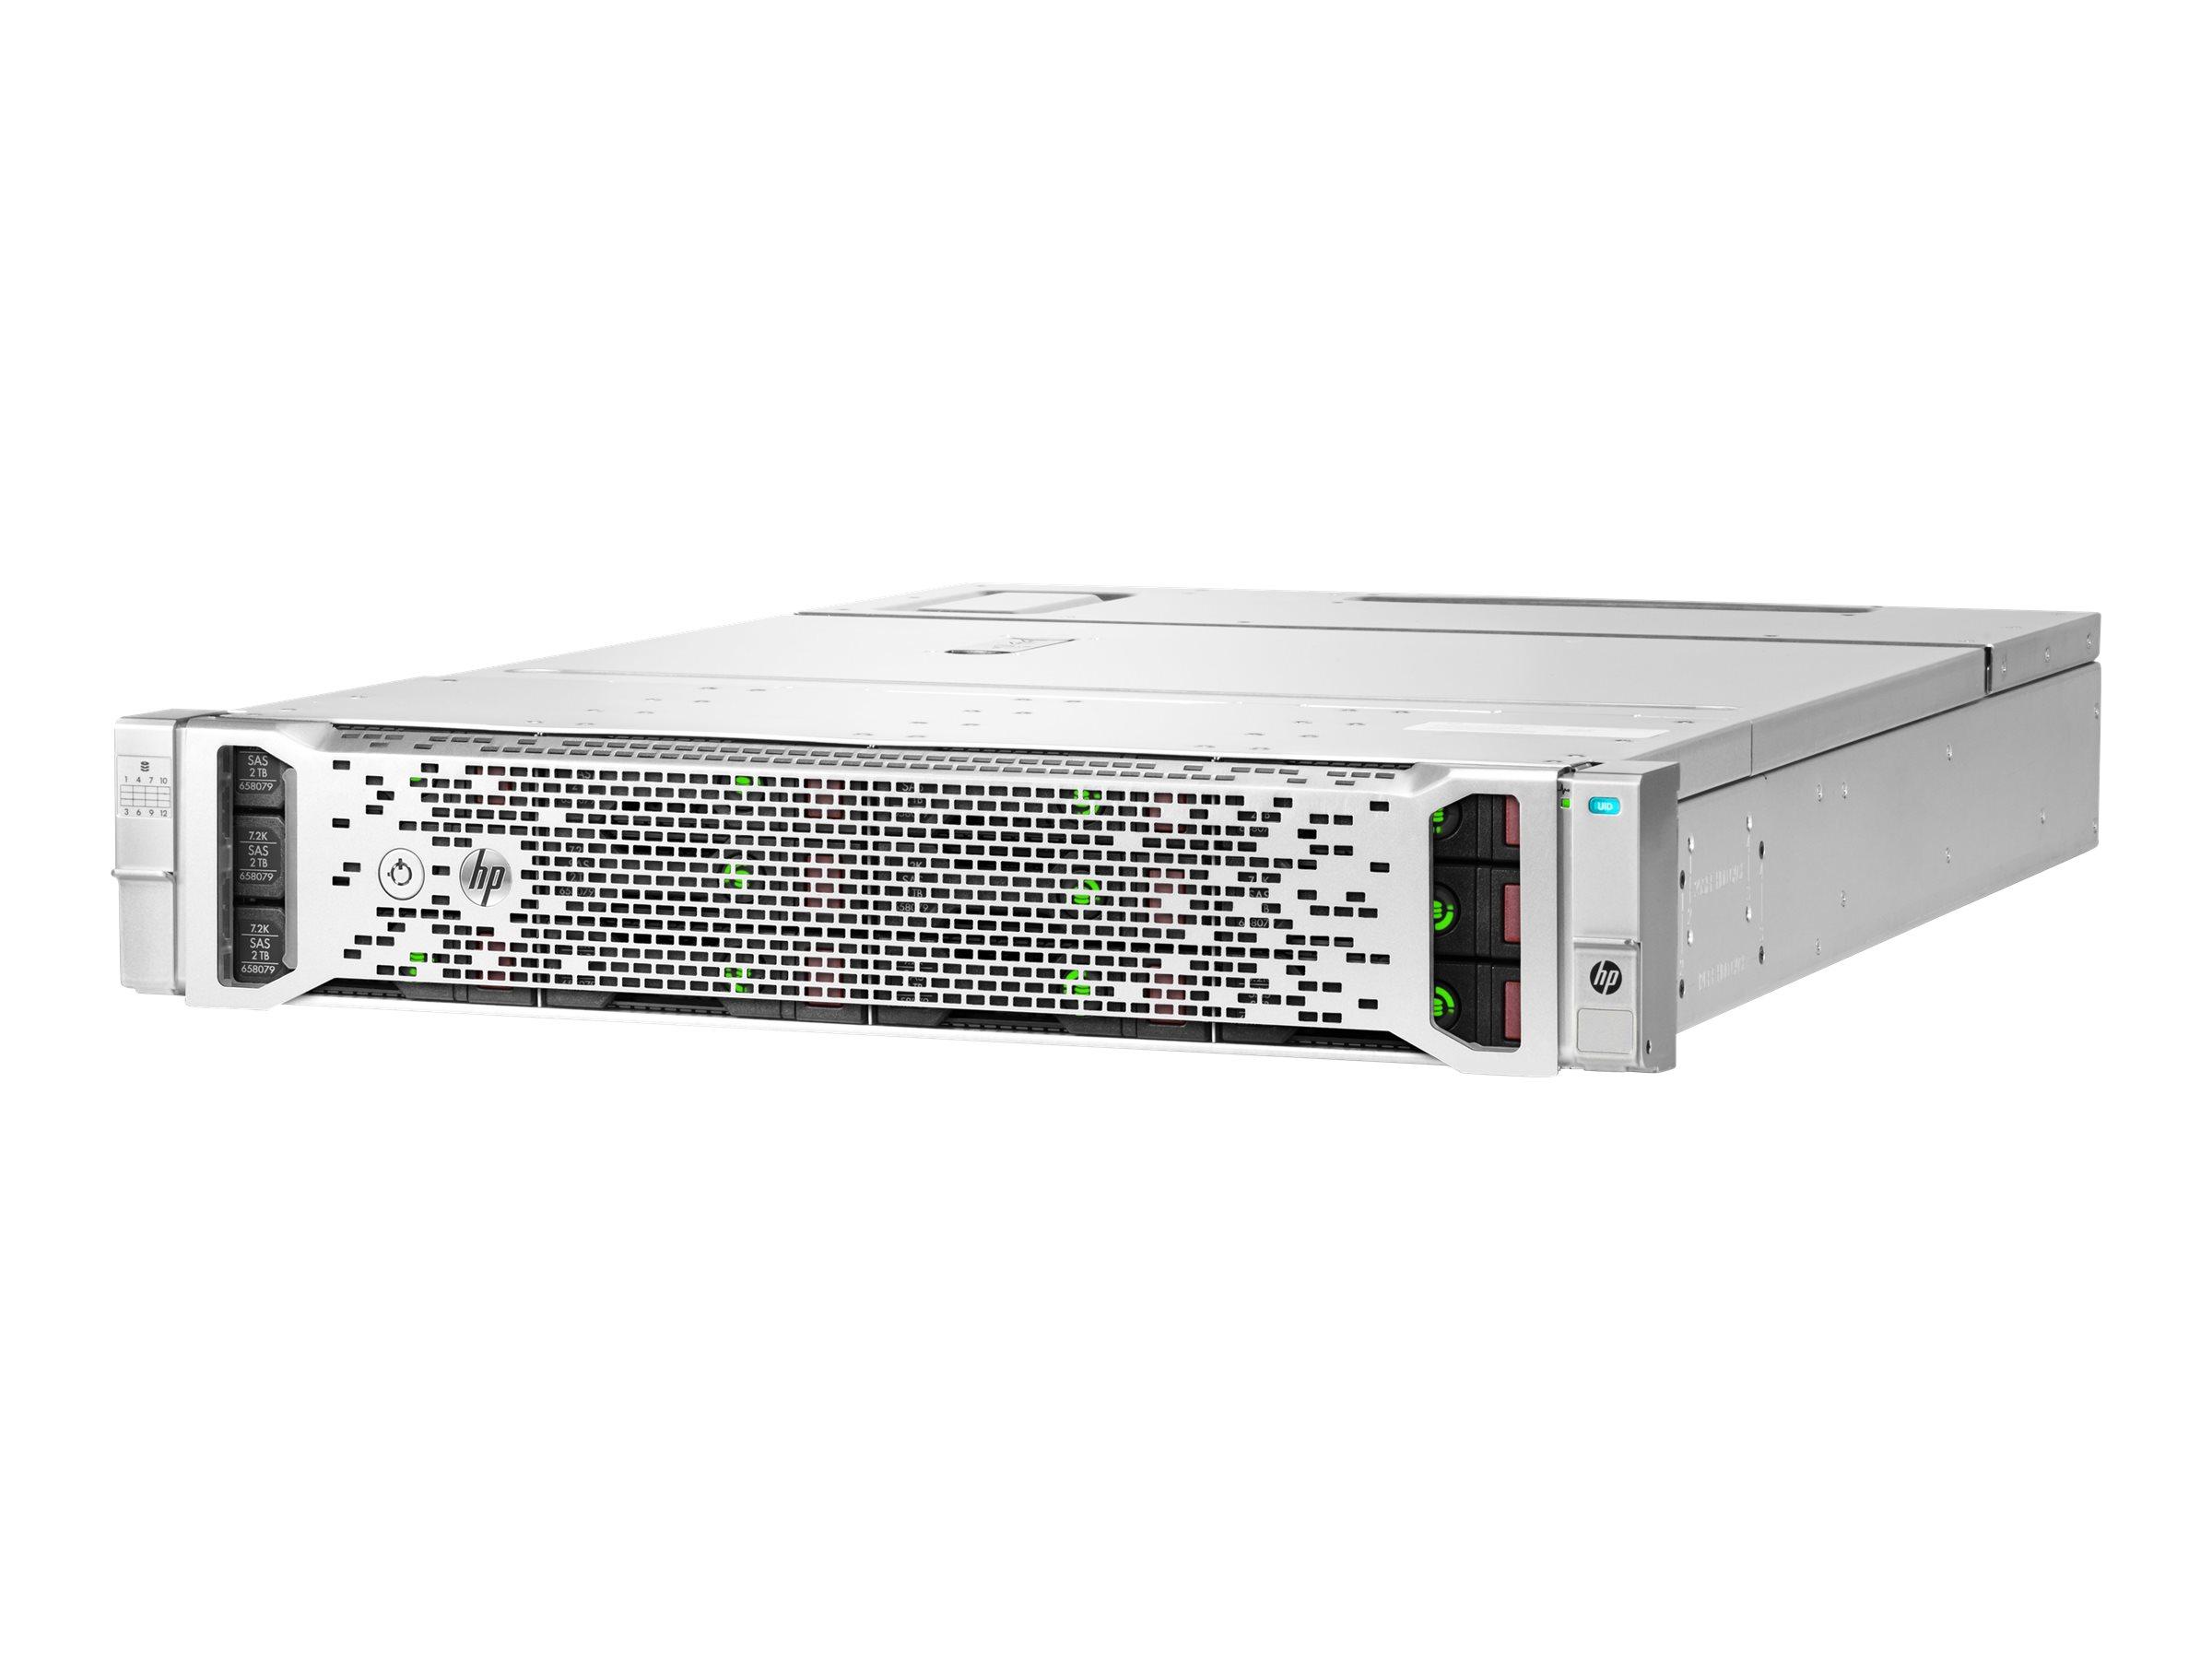 HPE D3600 - Speichergehäuse - 12 Schächte (SAS-3) - HDD 8 TB x 12 - Rack - einbaufähig